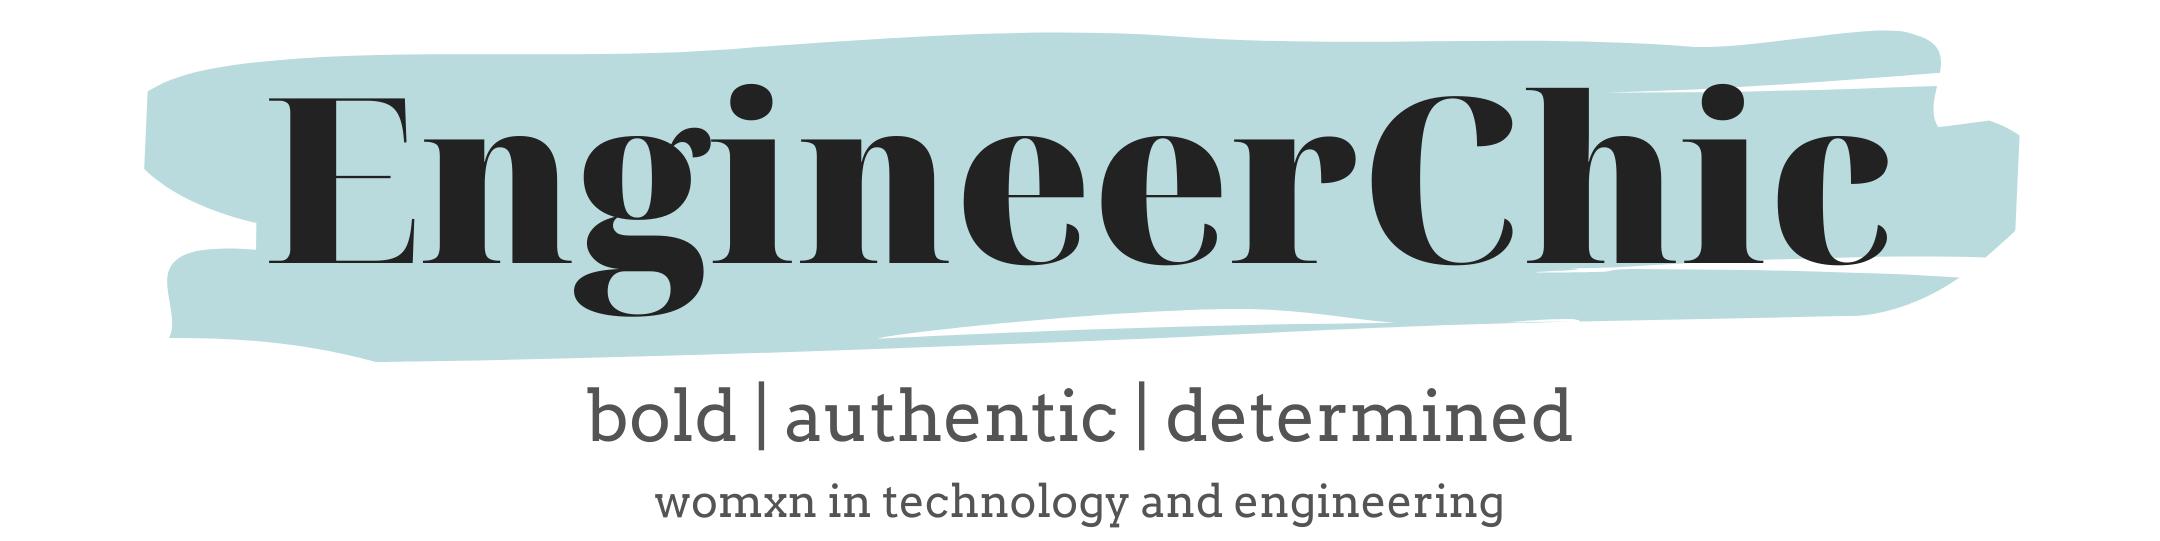 EngineerChic